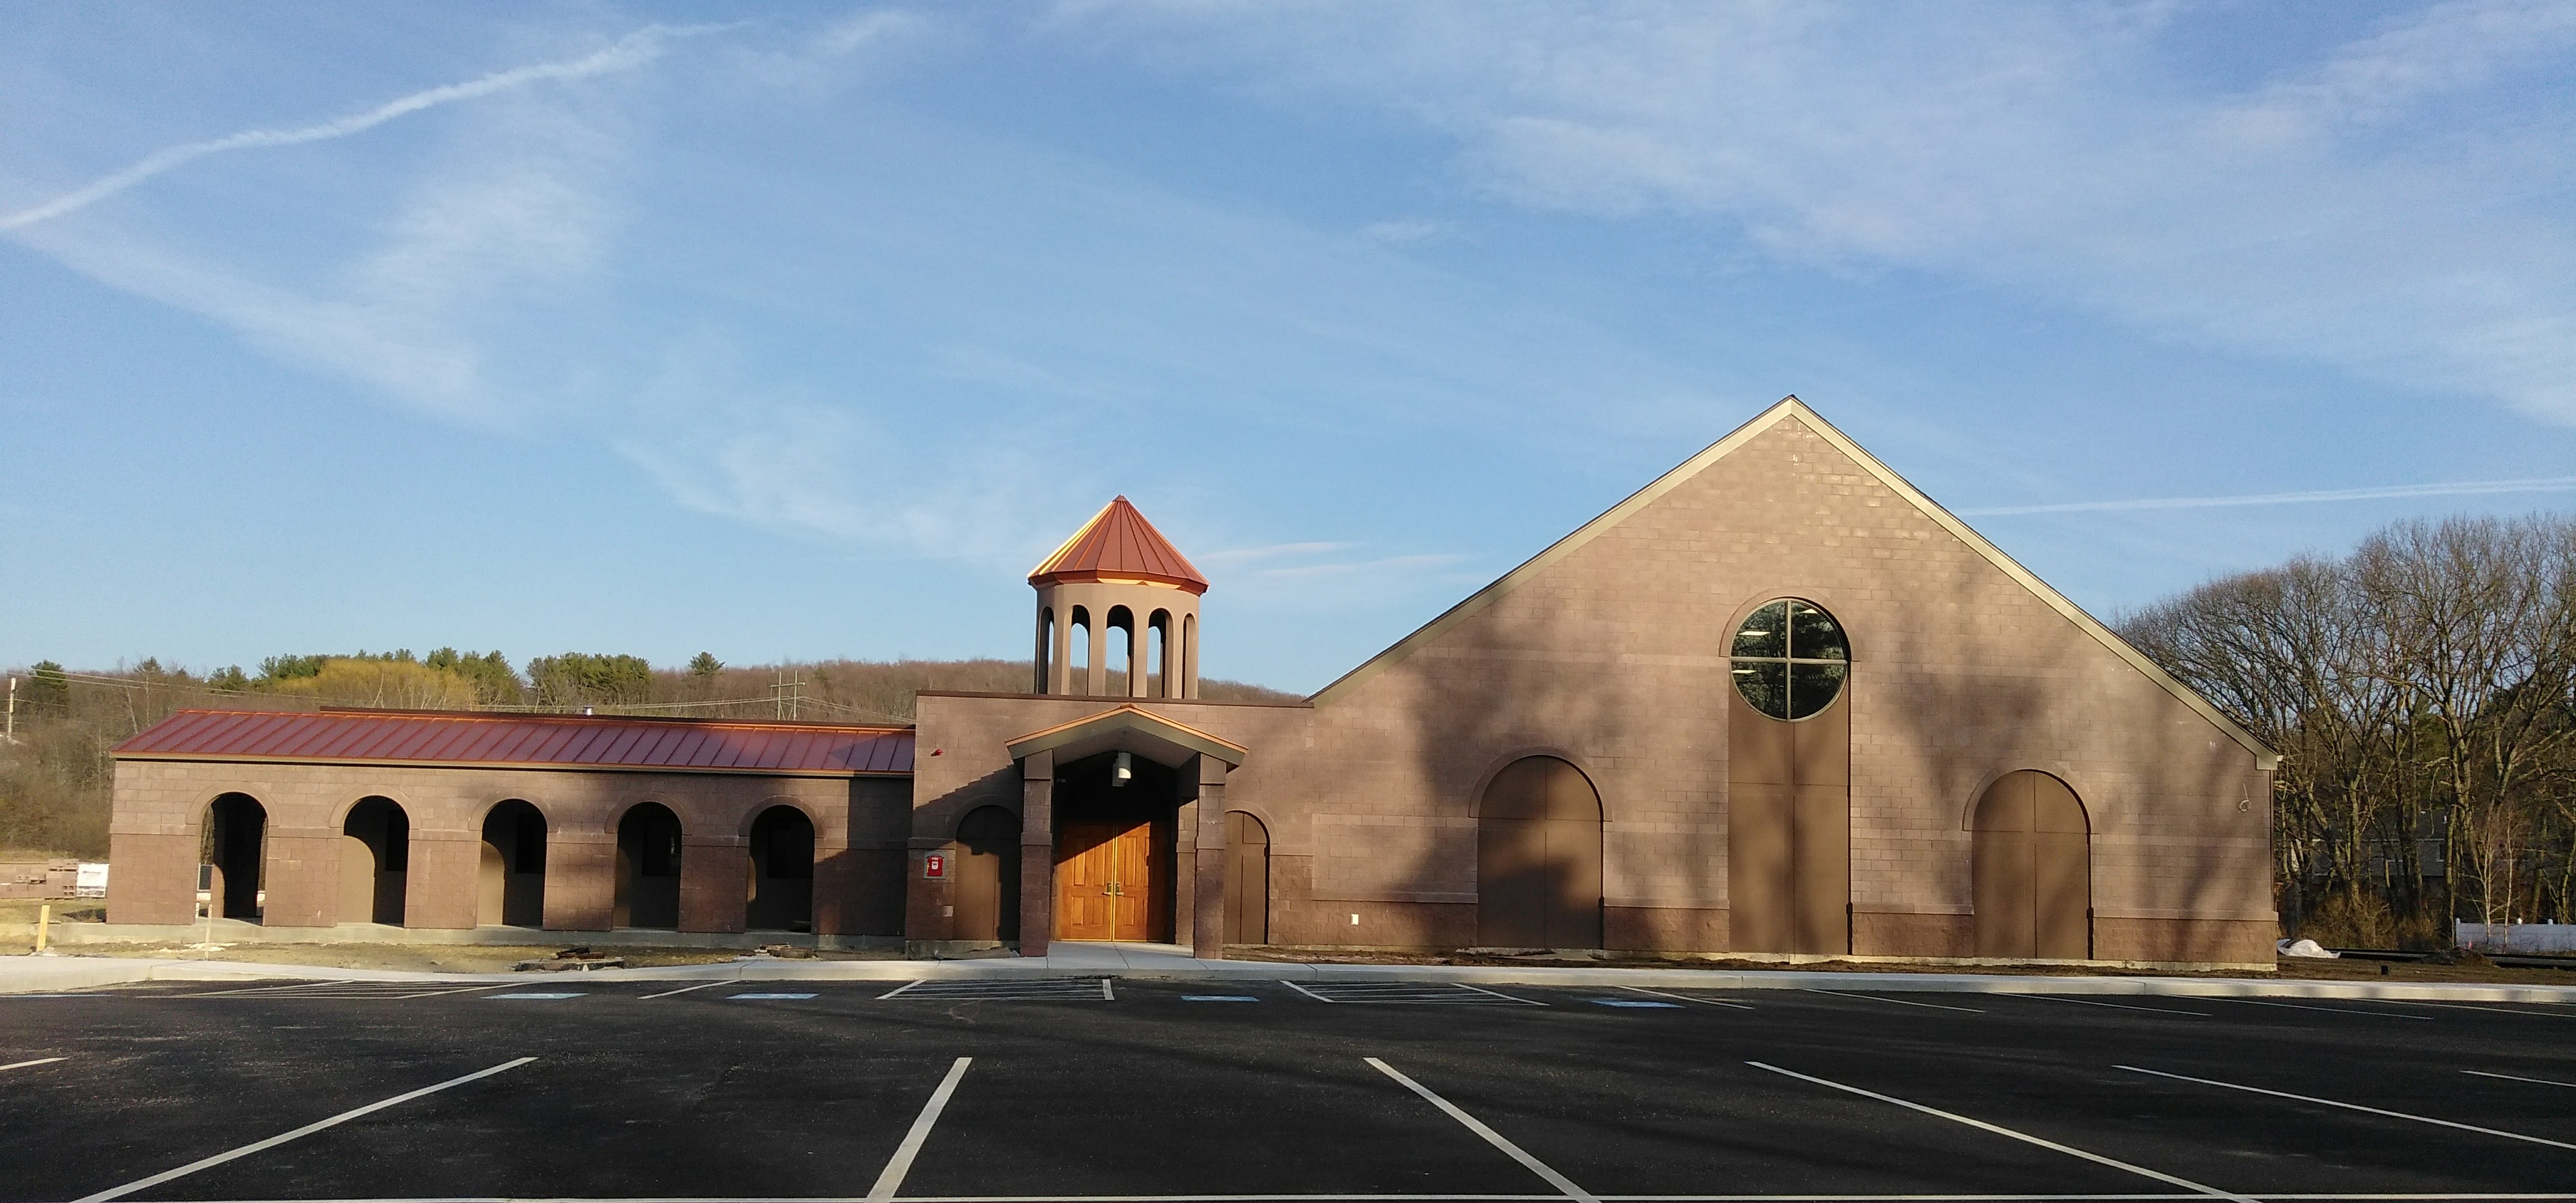 Hye Pointe Church